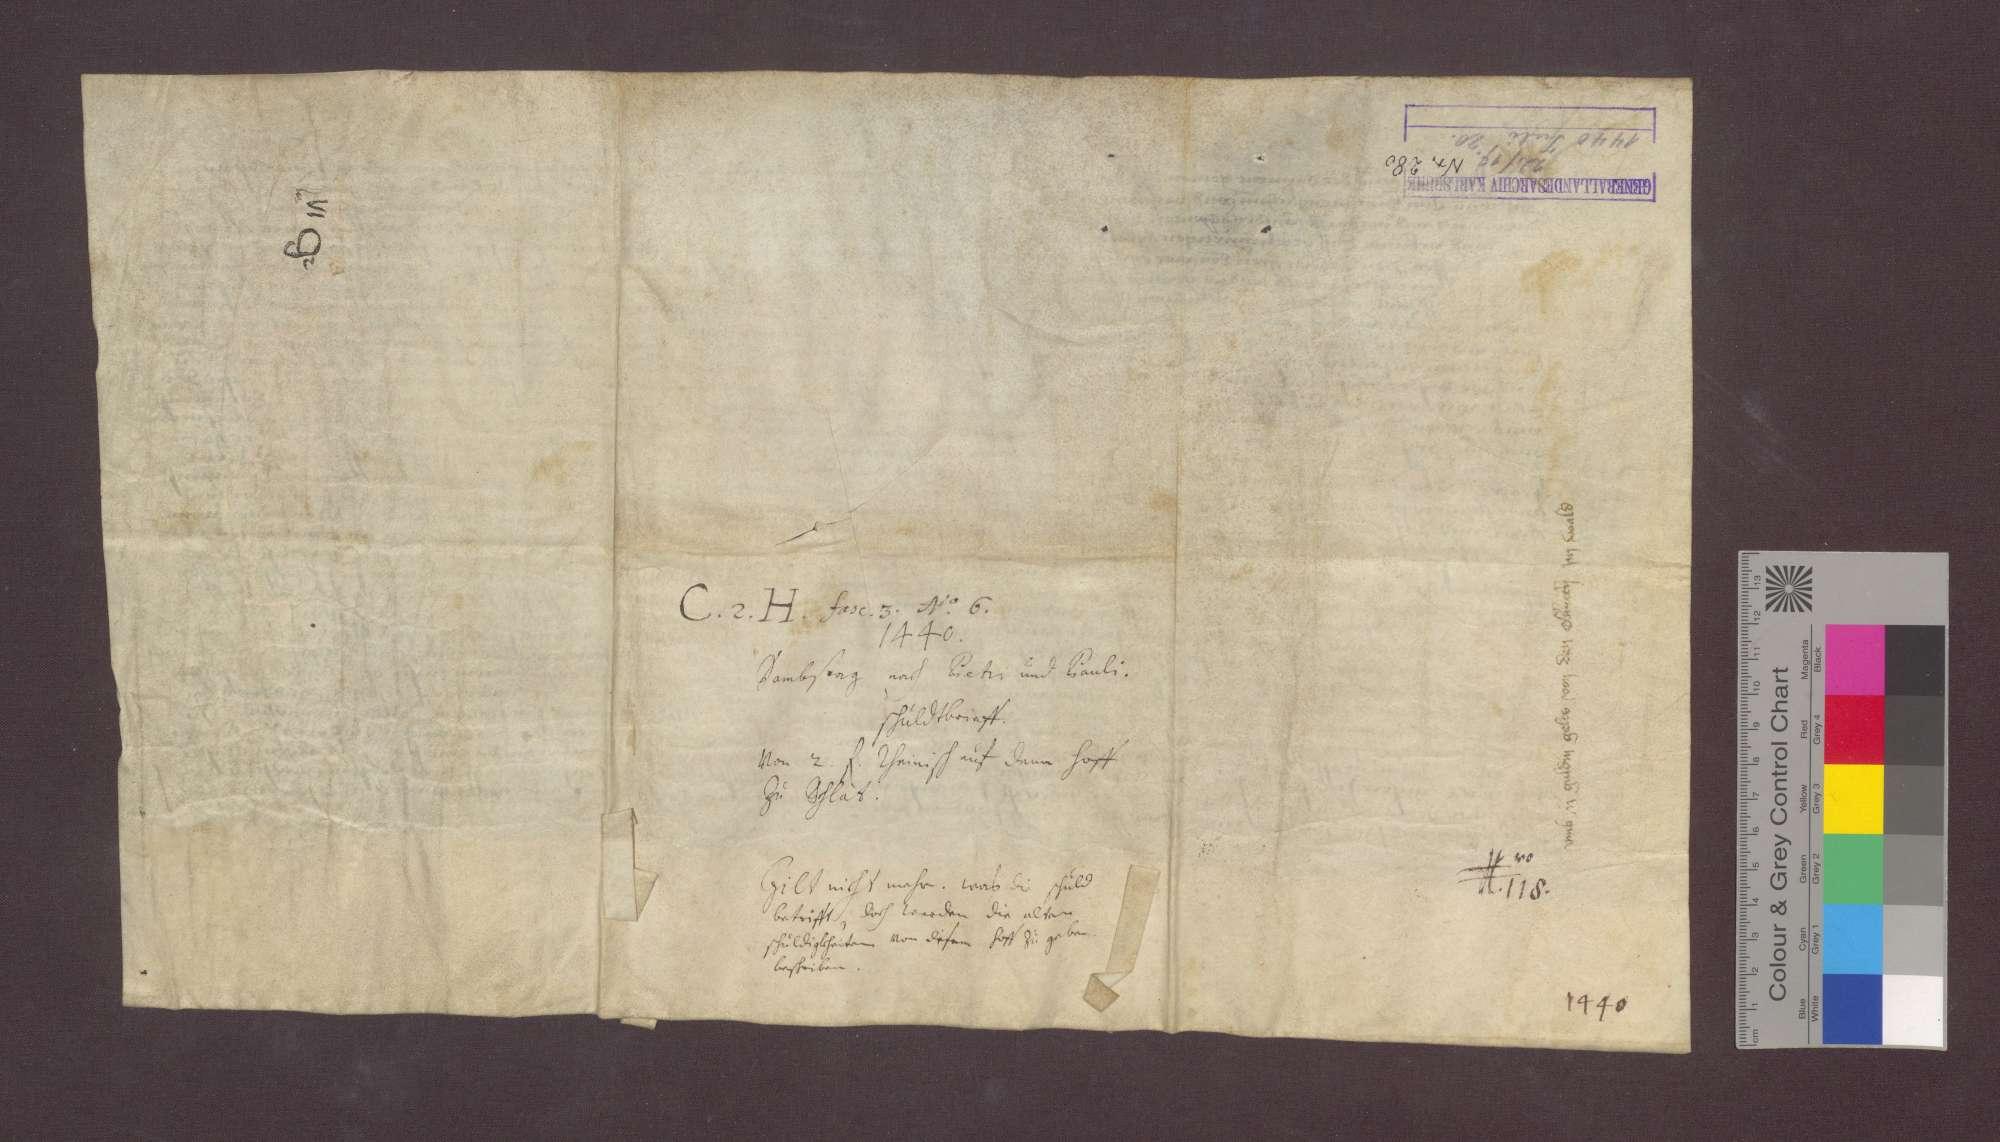 Kloster Oberried im Wald verkauft den vier Münsterherren und Kapellanen zu Freiburg einen jährlichen Zins von 2 Gulden von genannten Gütern zu Schlatt um 40 Gulden., Bild 2